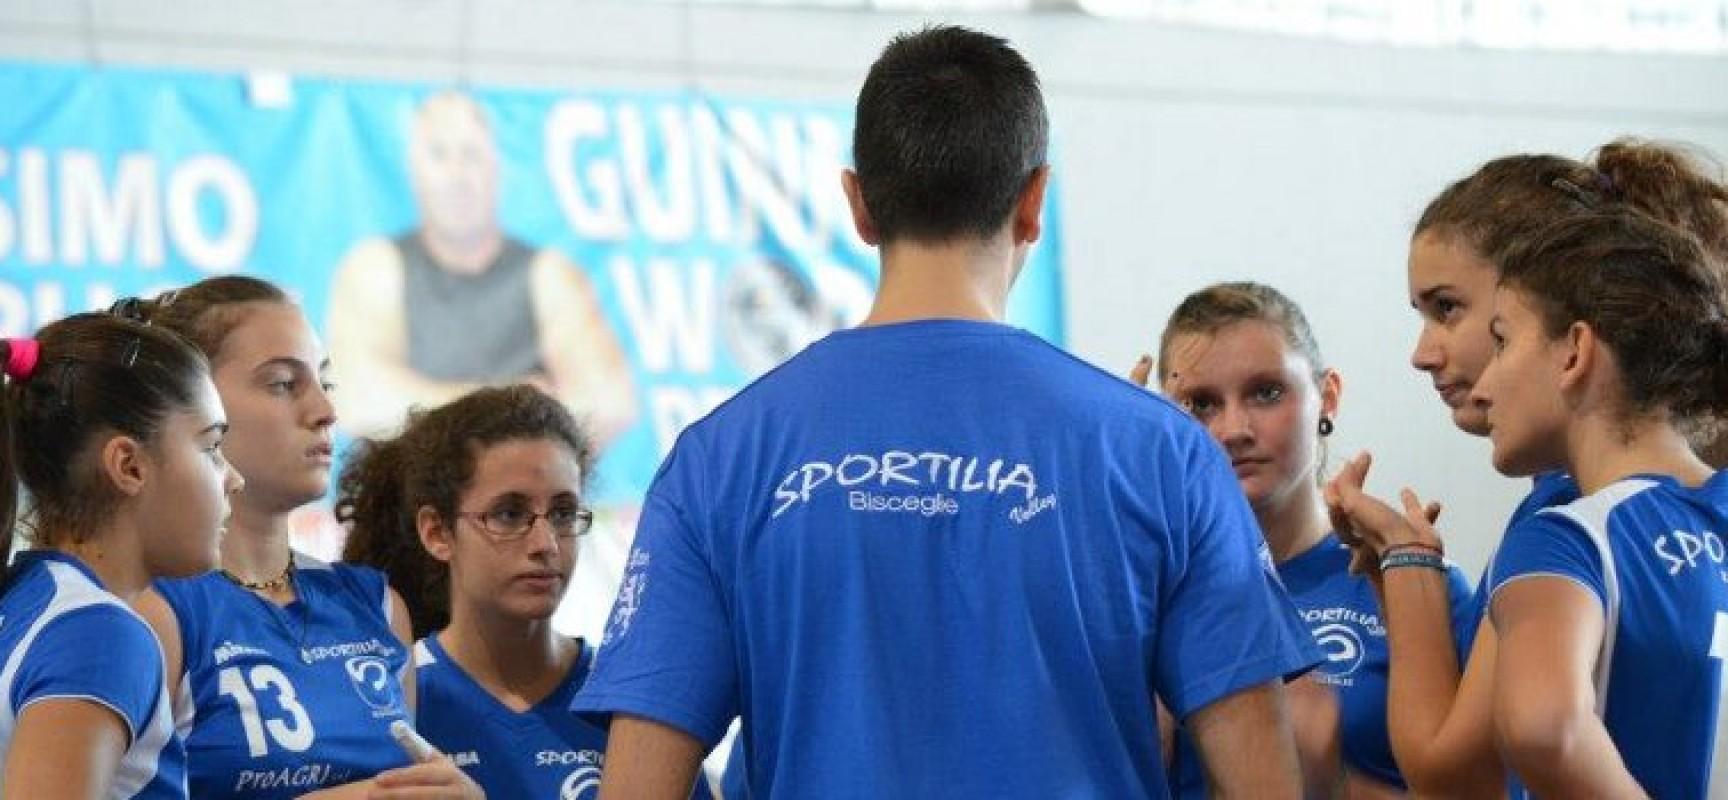 Sportilia Volley: Prima Divisione Giovani promossa in serie D!